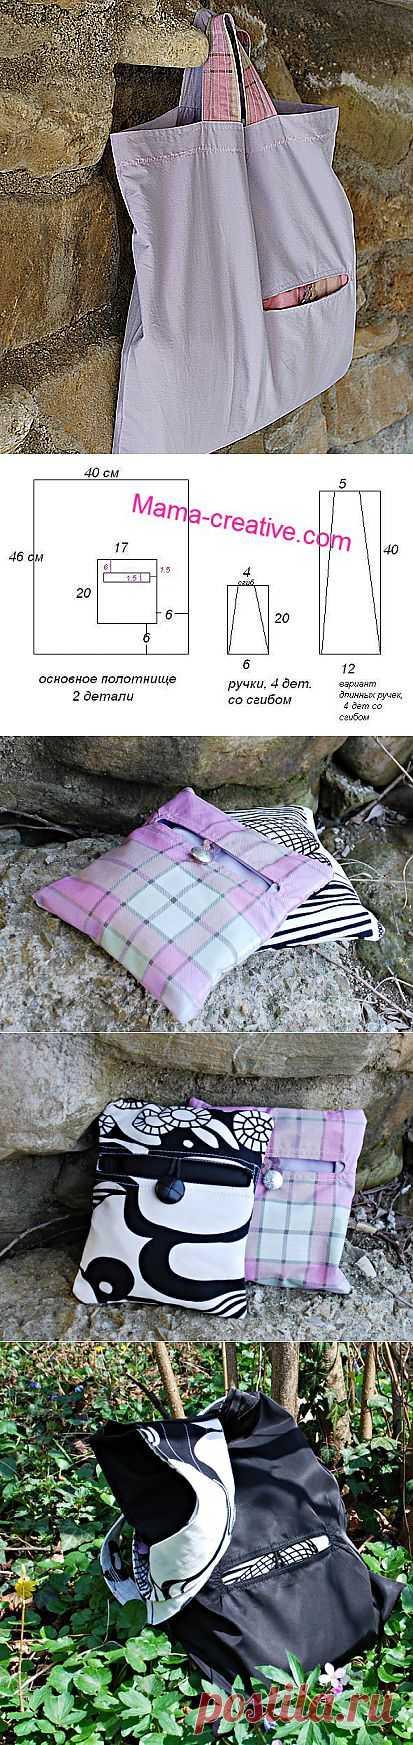 (+1) тема - Практичная сумка, которая складывается в карман | СДЕЛАЙ САМ!